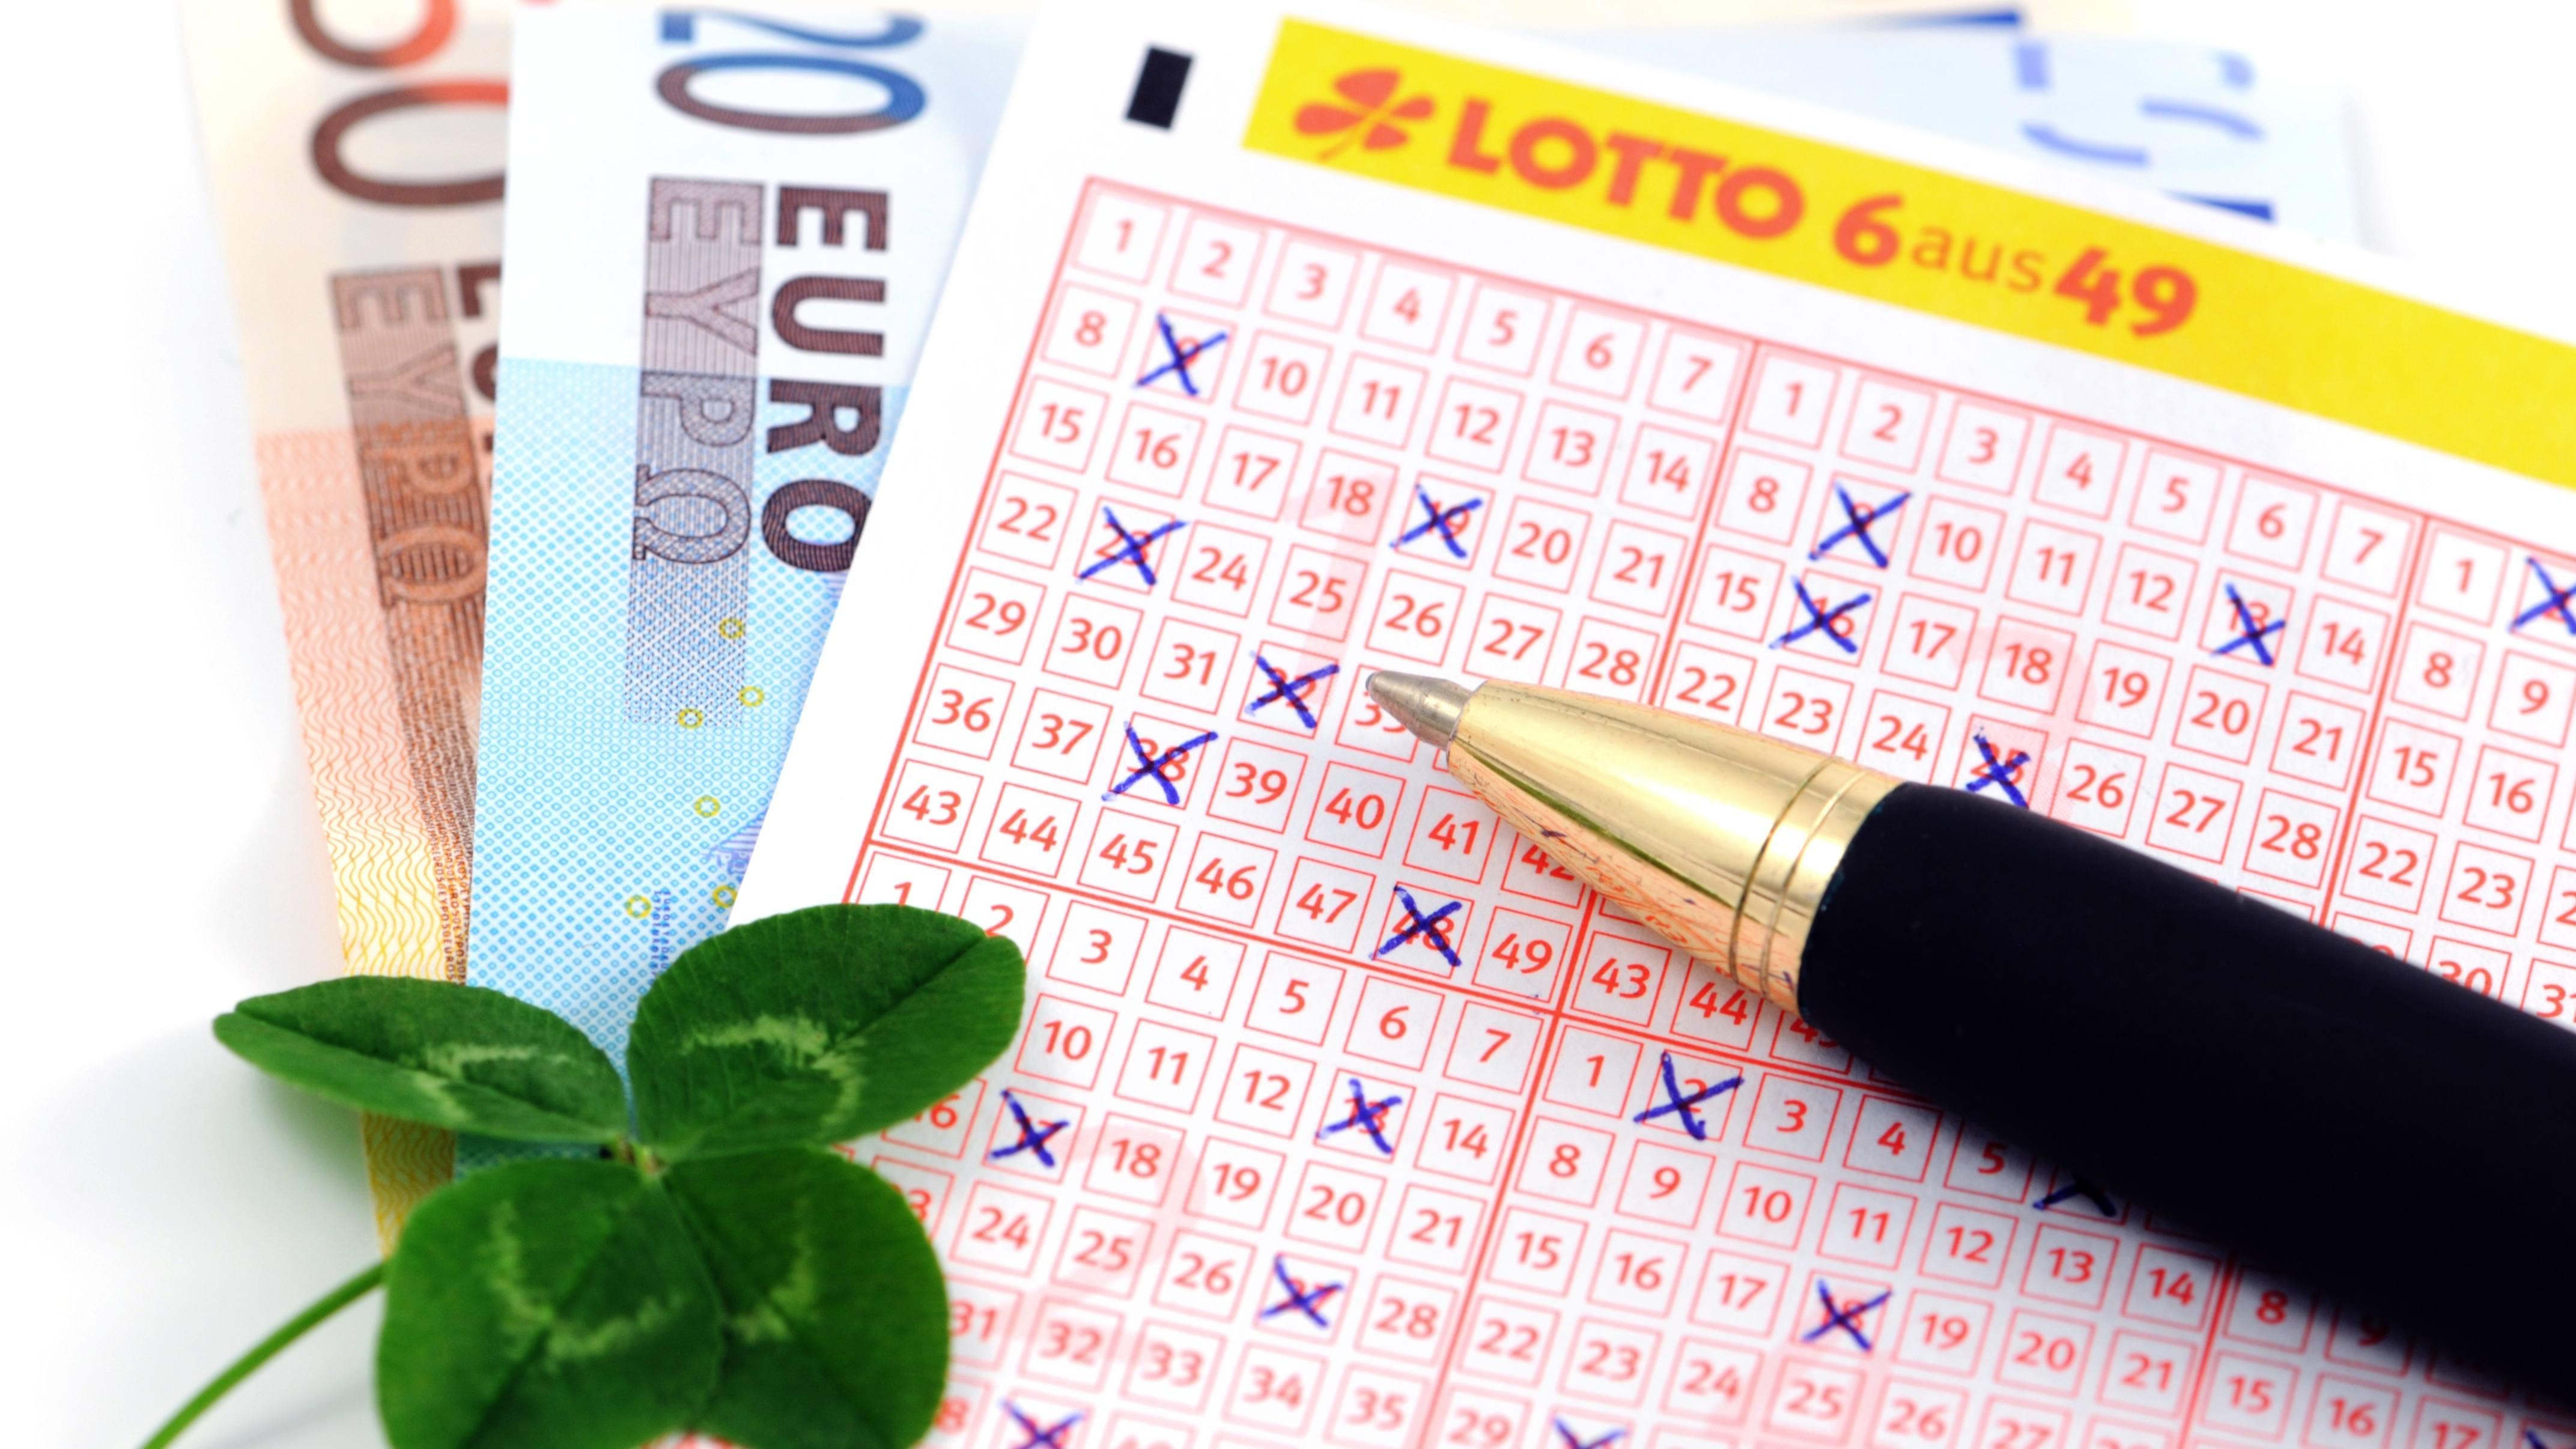 Lottoschein mit Glückskleeblatt und Euroscheinen